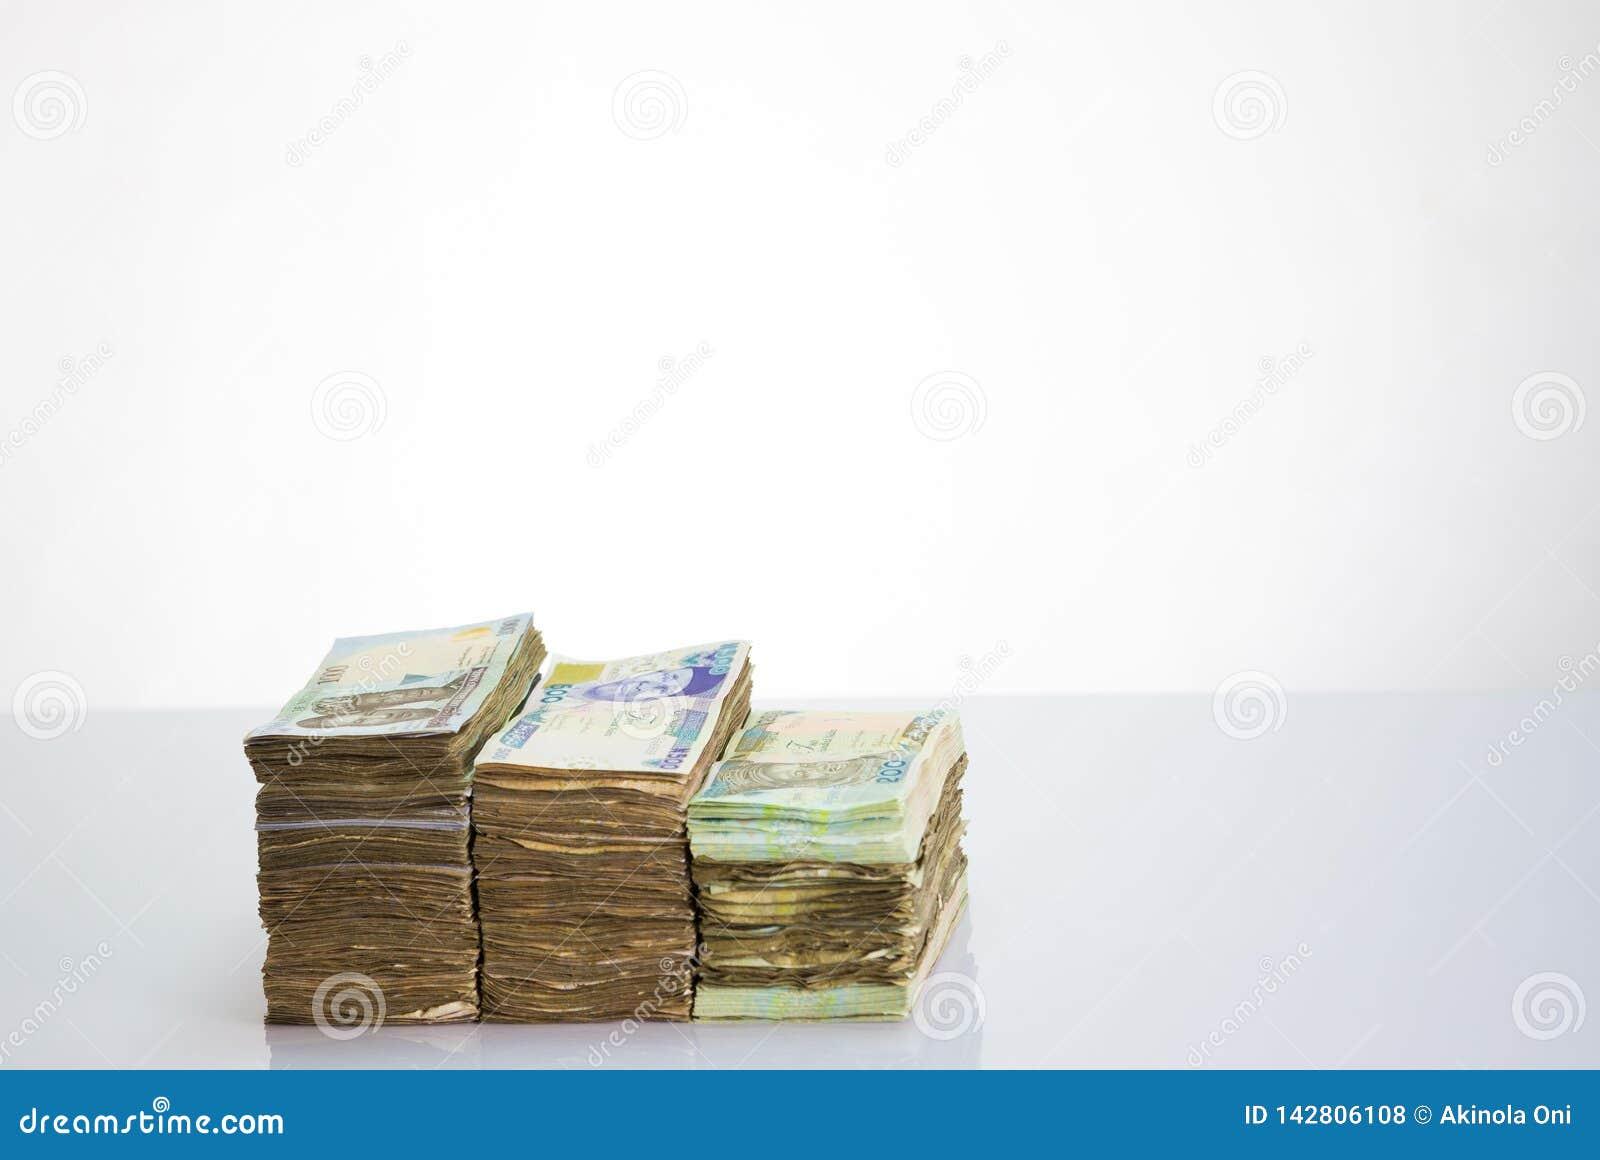 Nigeria local currency N1000 , N500, N200 naira notes in a bundle